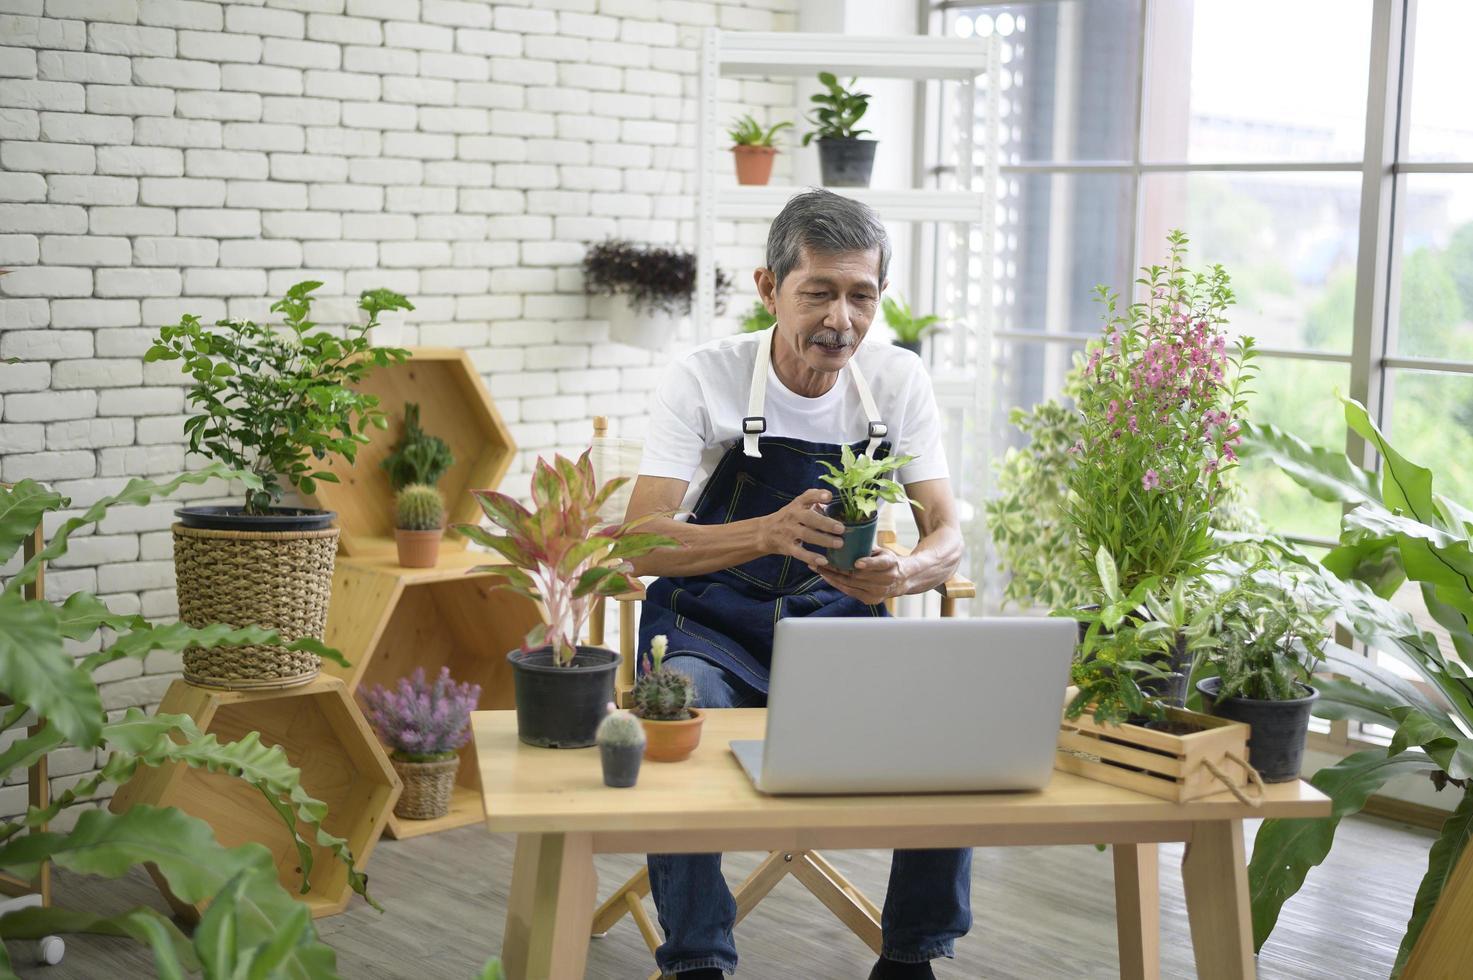 homem asiático trabalhando com plantas caseiras foto